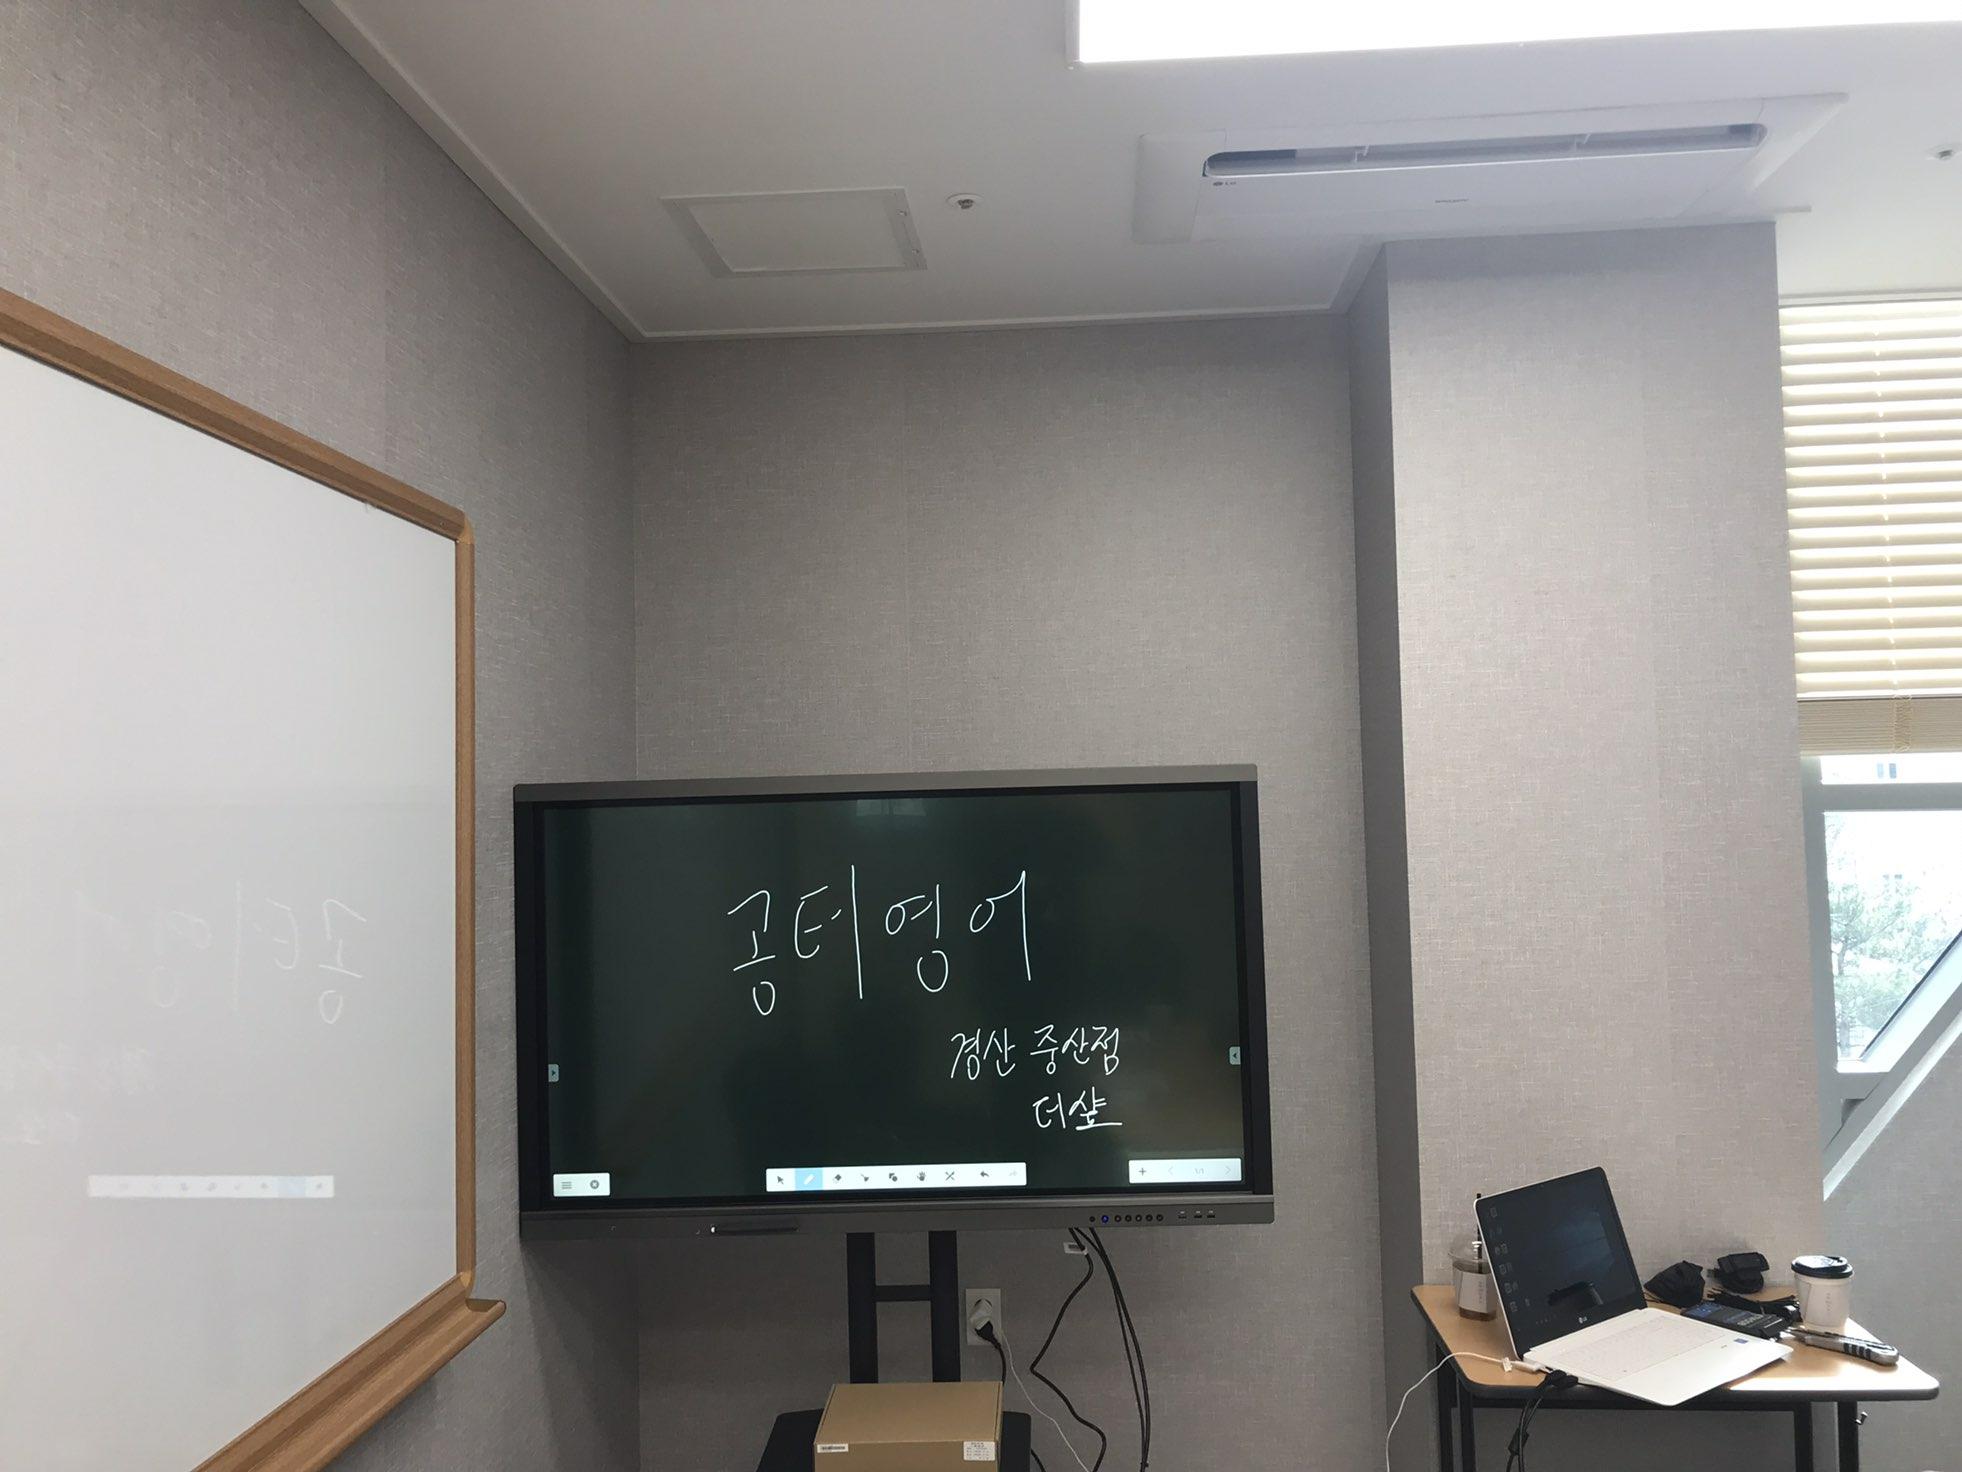 201812 공터영어 경산센터1